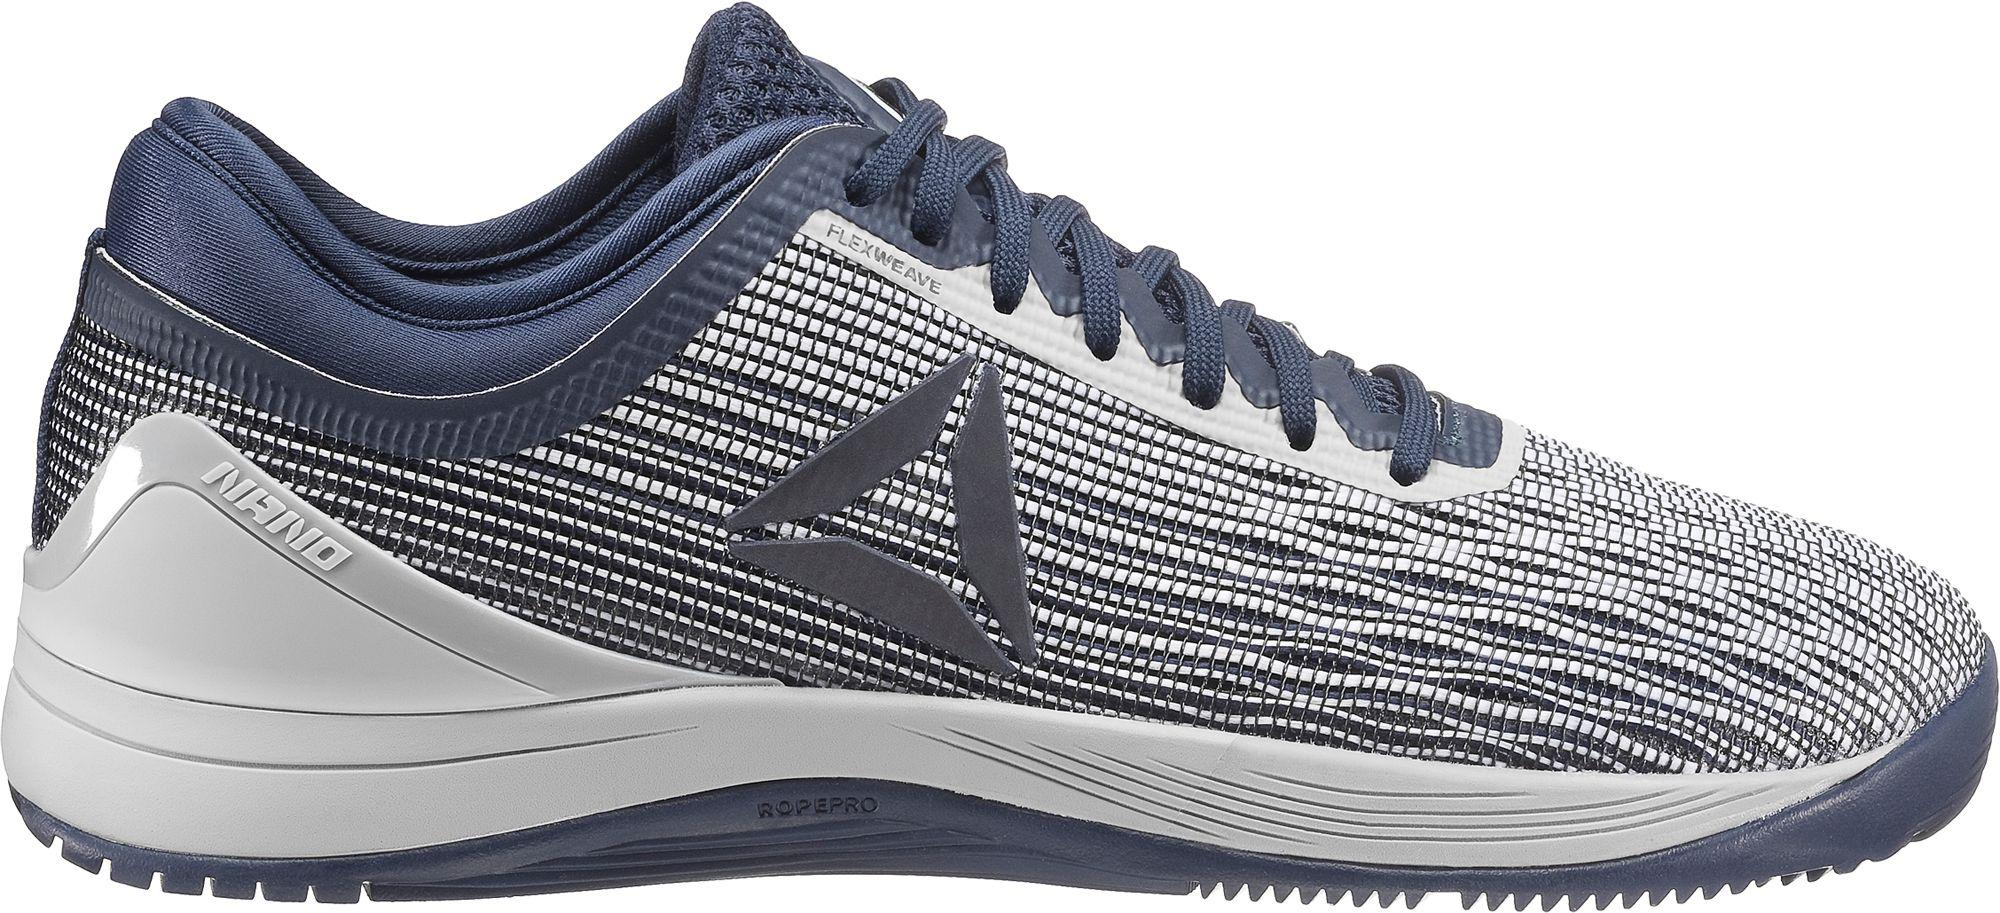 5ebbb2e5382933 Lyst - Reebok Crossfit Nano 8.0 Flexweave Training Shoes in Blue for Men